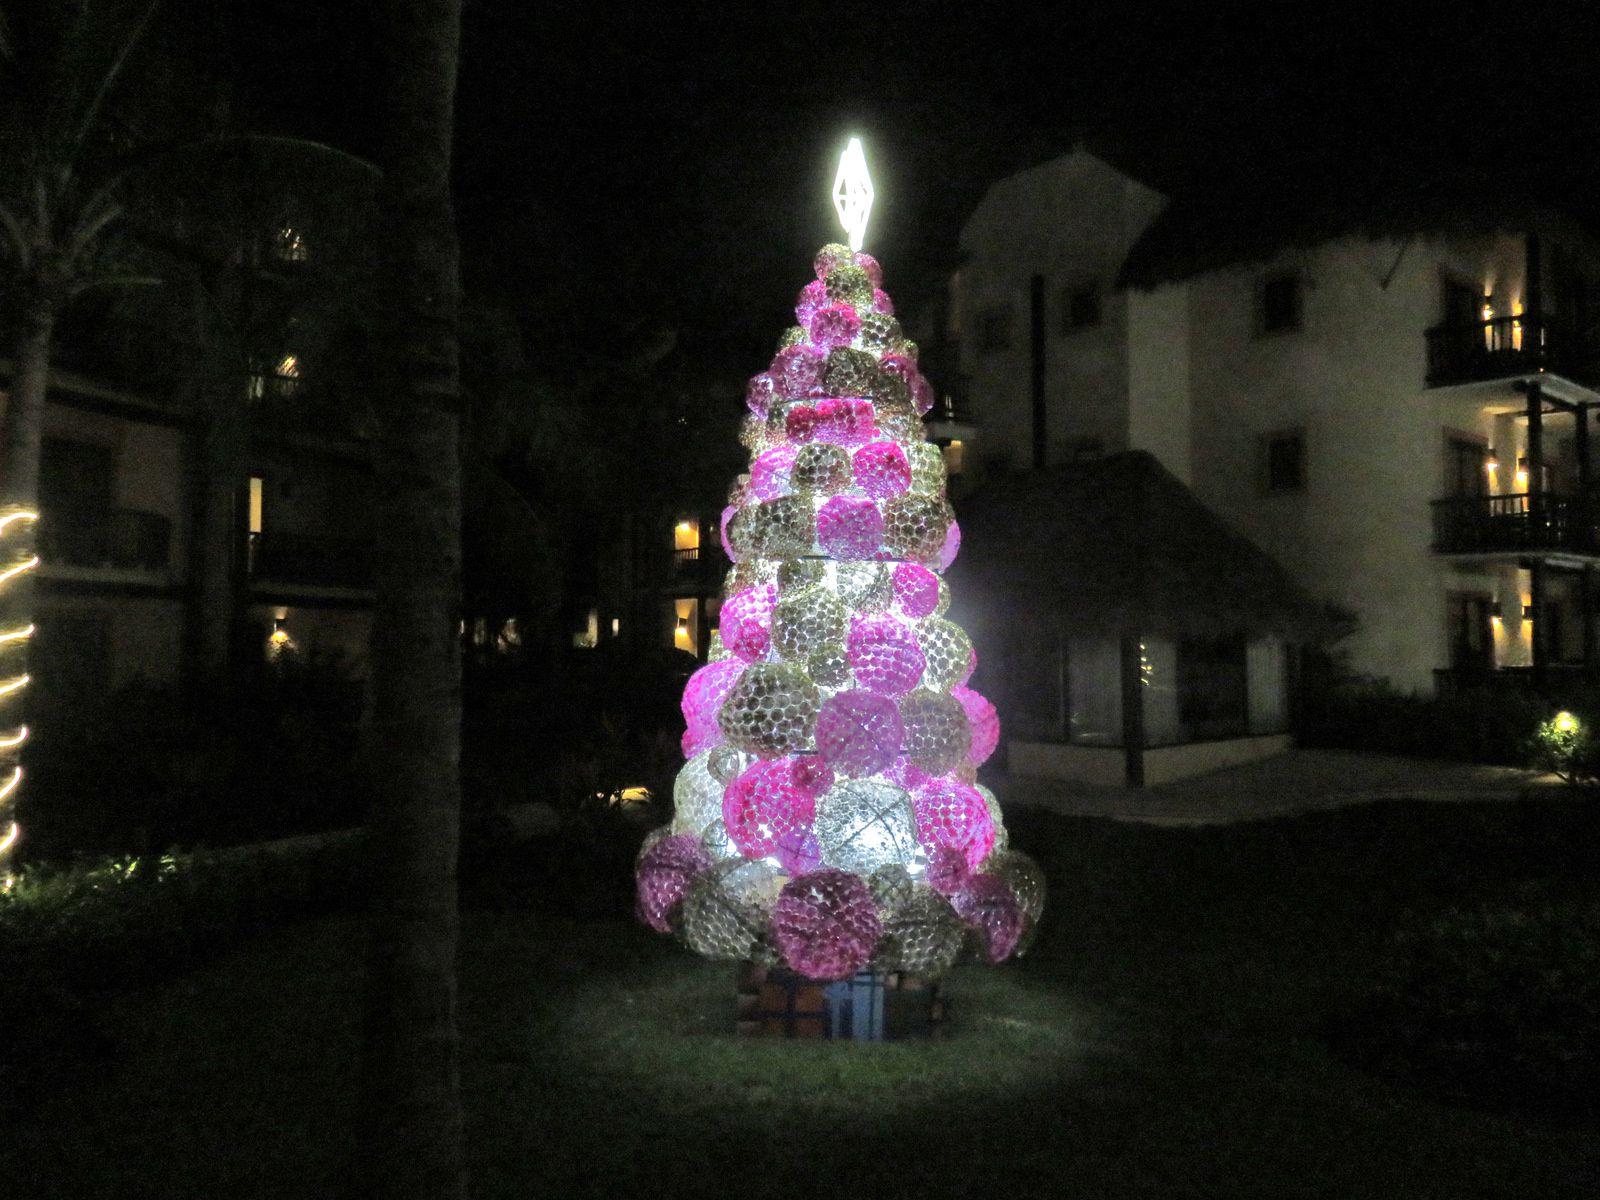 Arbre de Noël de l'hôtel Catalonia Riviera Playa, Mexique